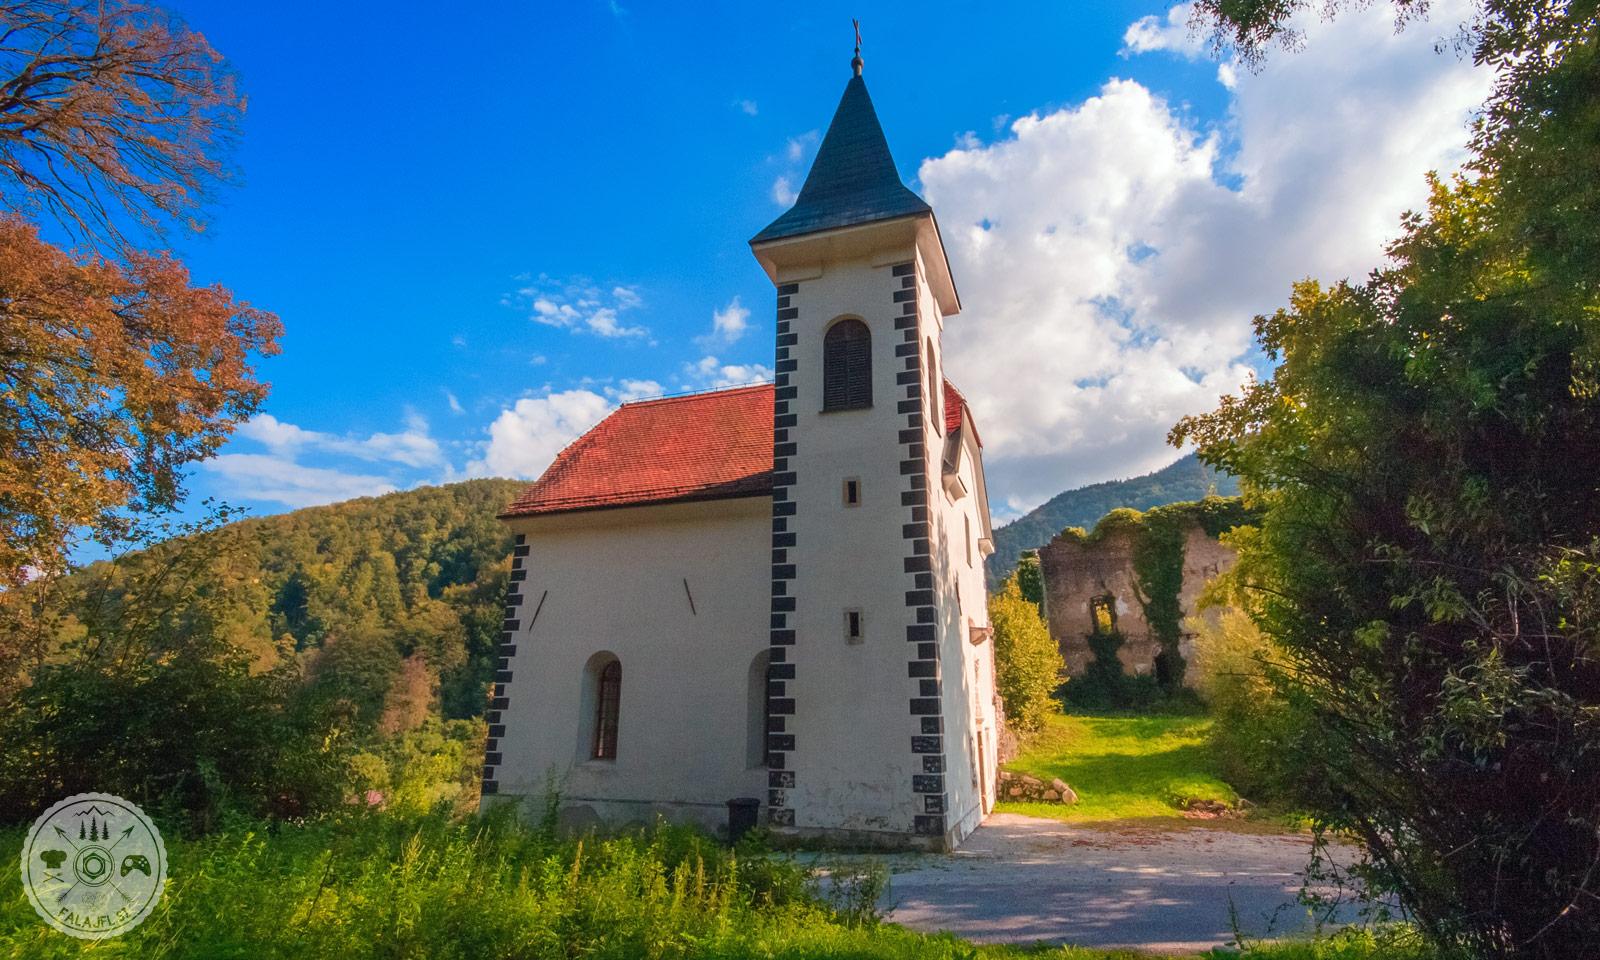 Grad Medija, Valvasor, Medijski grad, Slava Vojvodine Kranjske